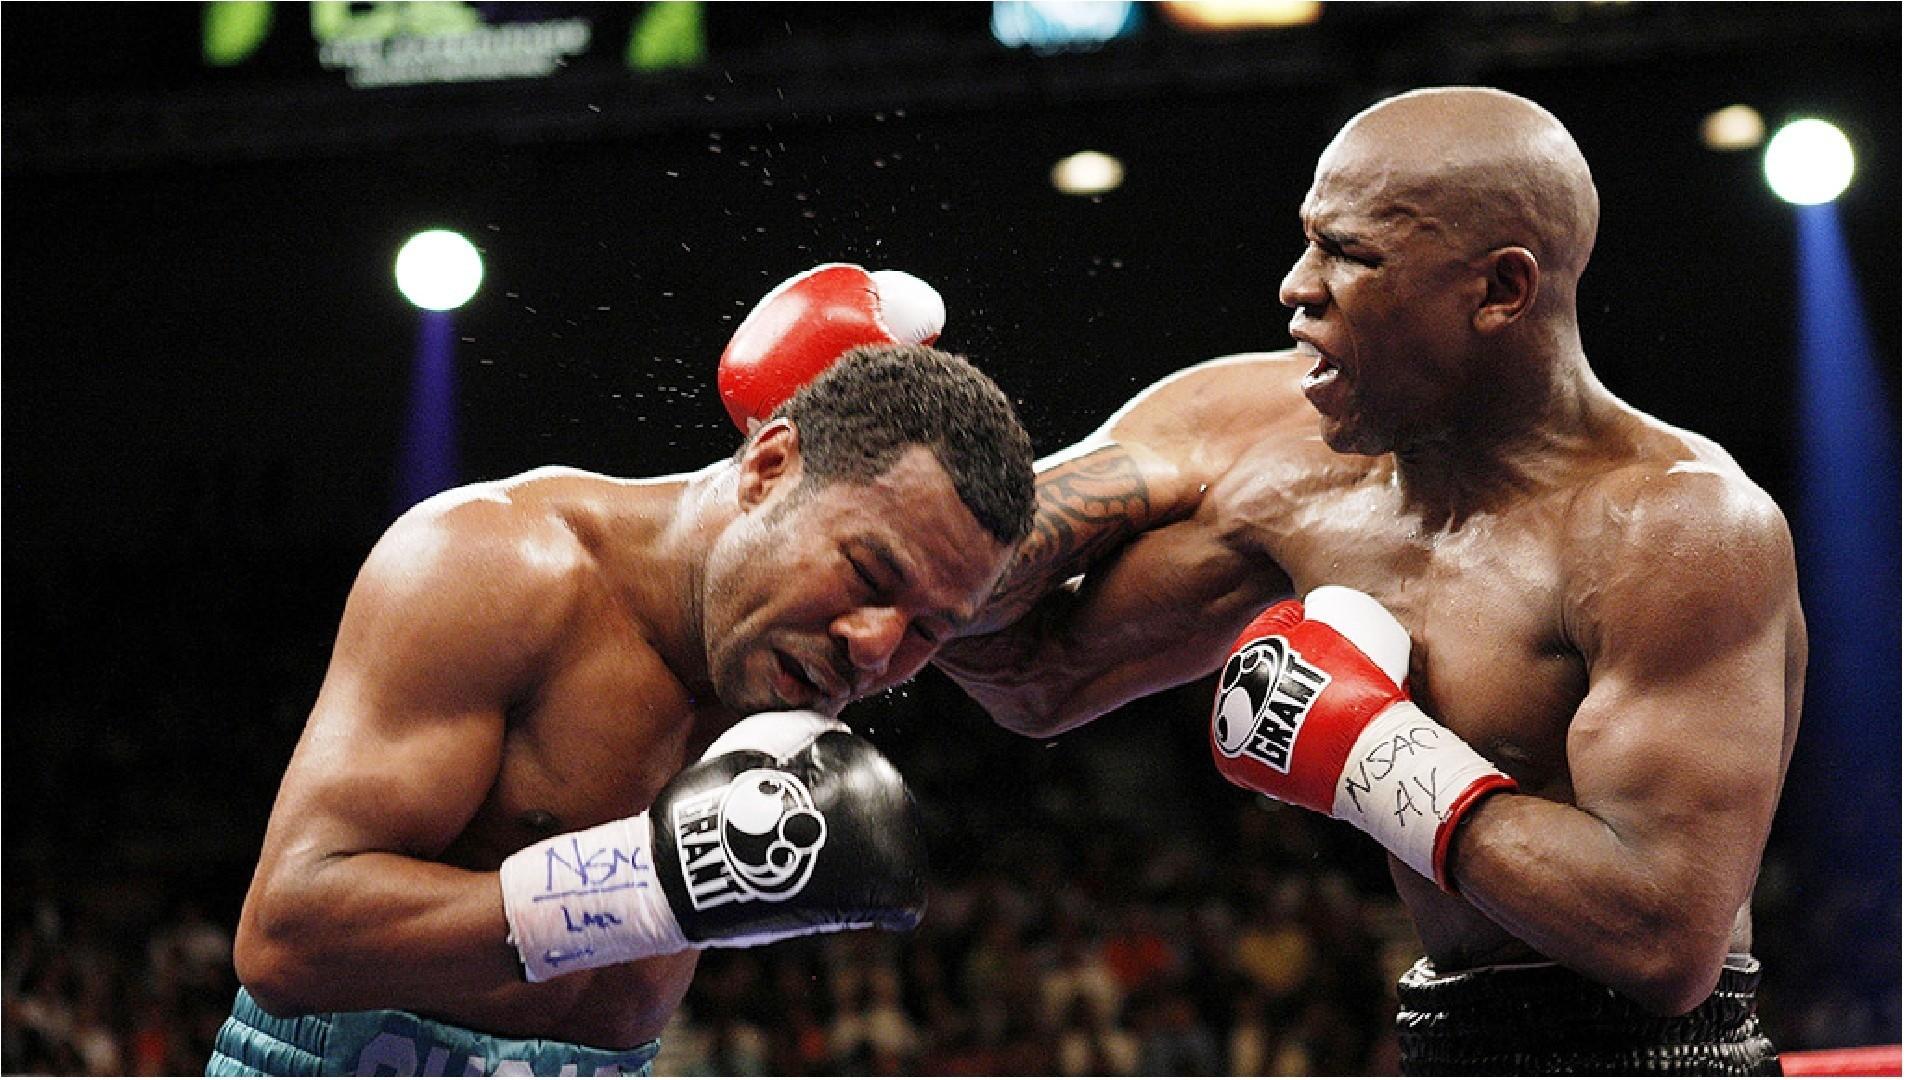 Прикольные фото из бокса